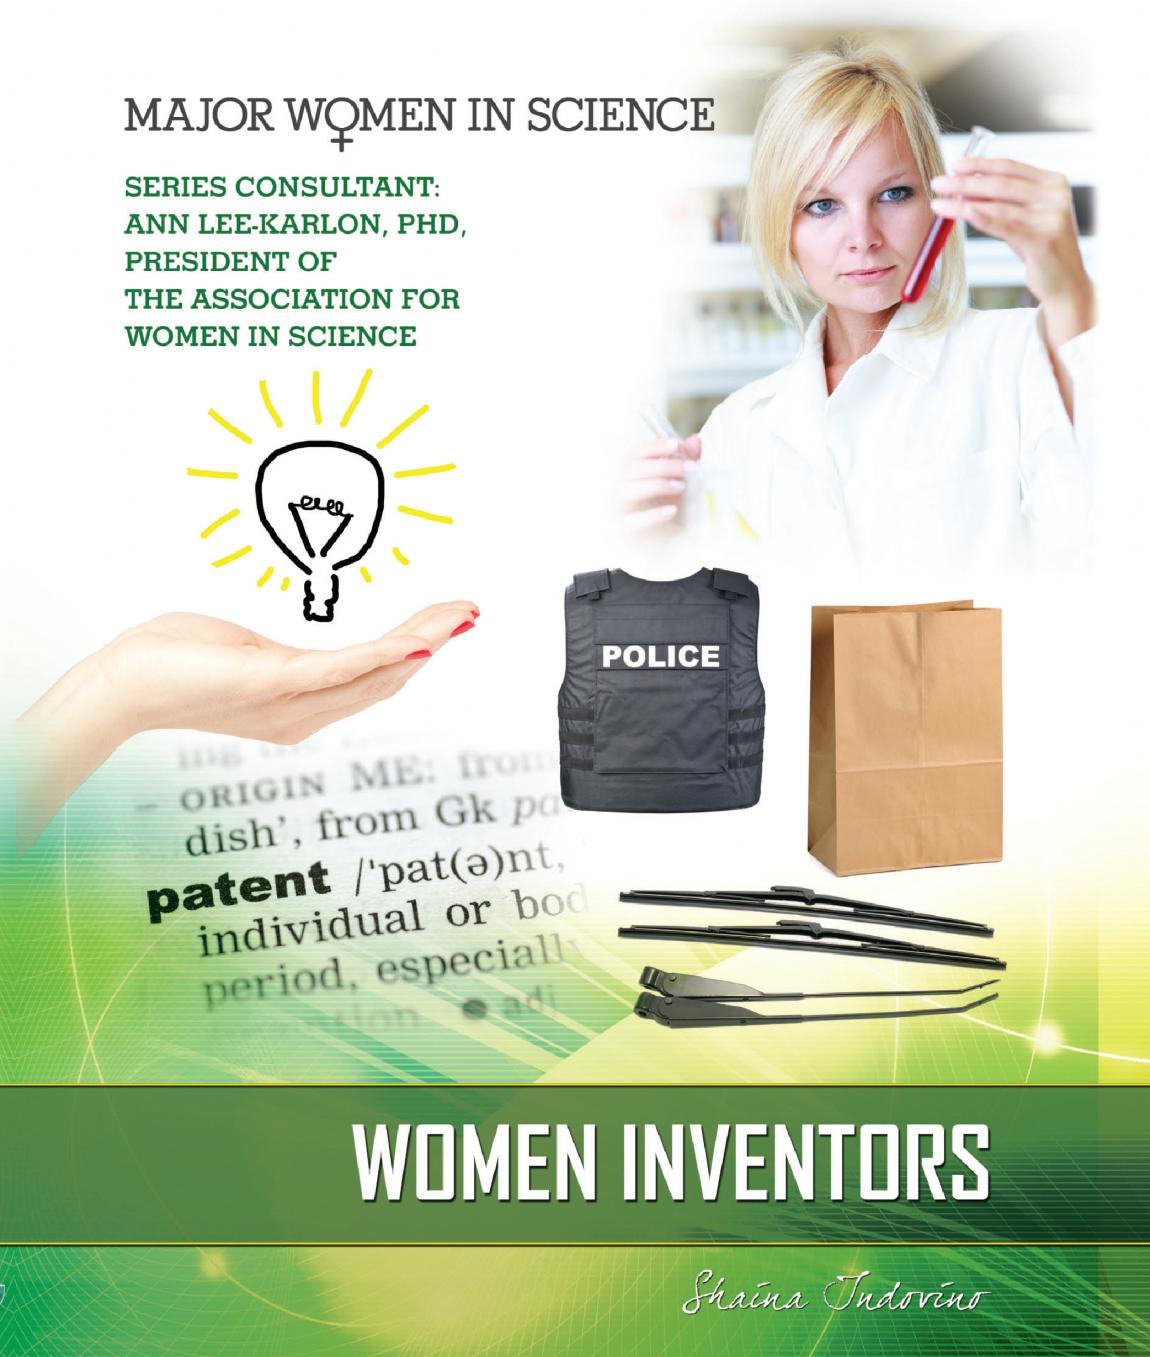 women-inventors-01.png